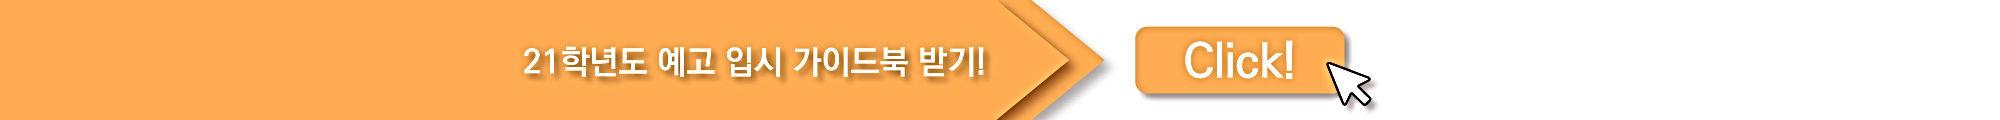 201110-예대예고페이지-가이드북-배너1.jpg